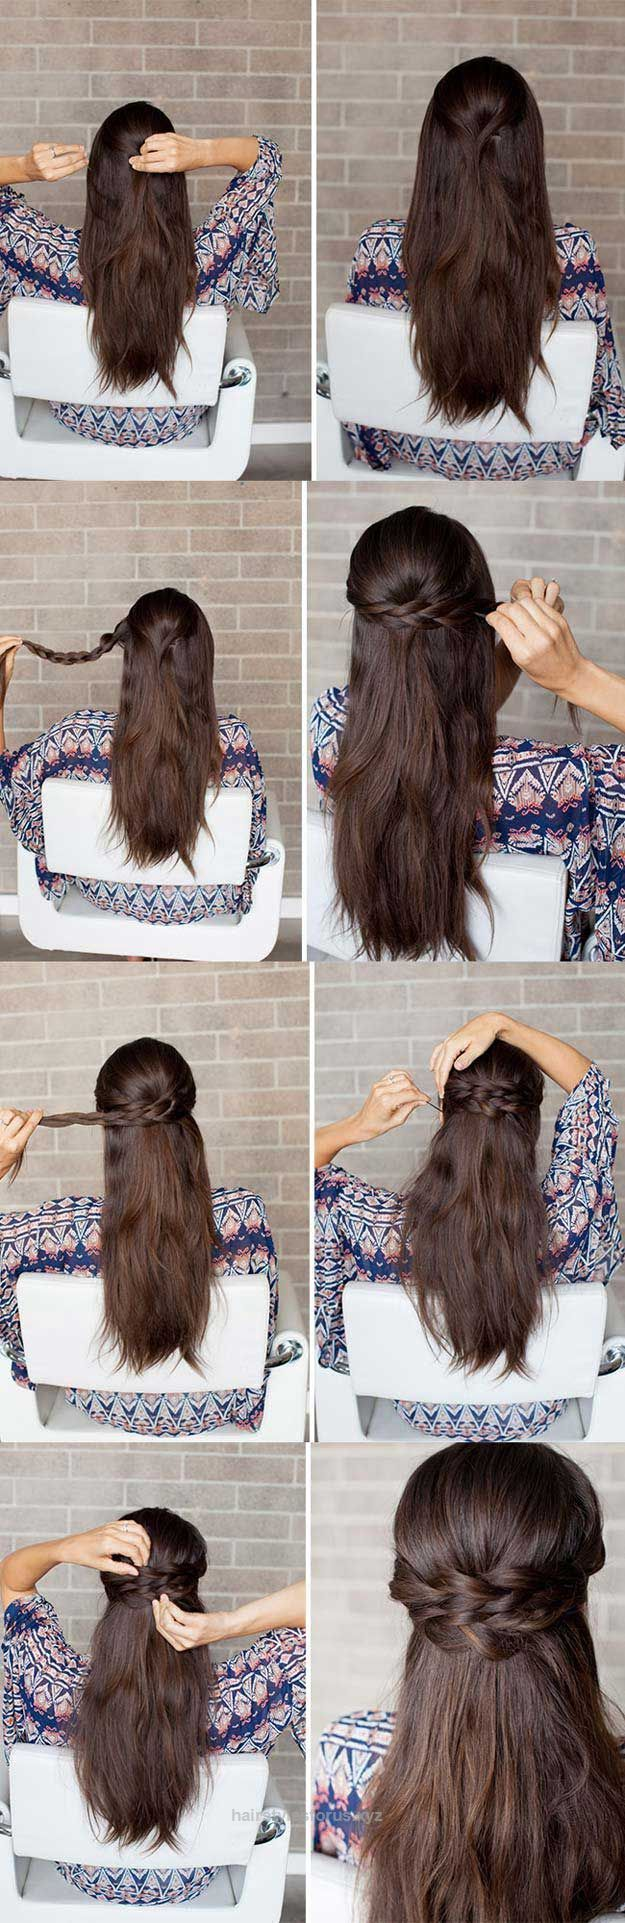 Probieren Sie es aus Erstaunliche Half-Up-Half-Down-Frisuren für langes Haar - Geflochtene Half-Up-Anleitungen - Einfache Schritt-für-Schritt-Anleitungen und Tipps für Frisuren ...